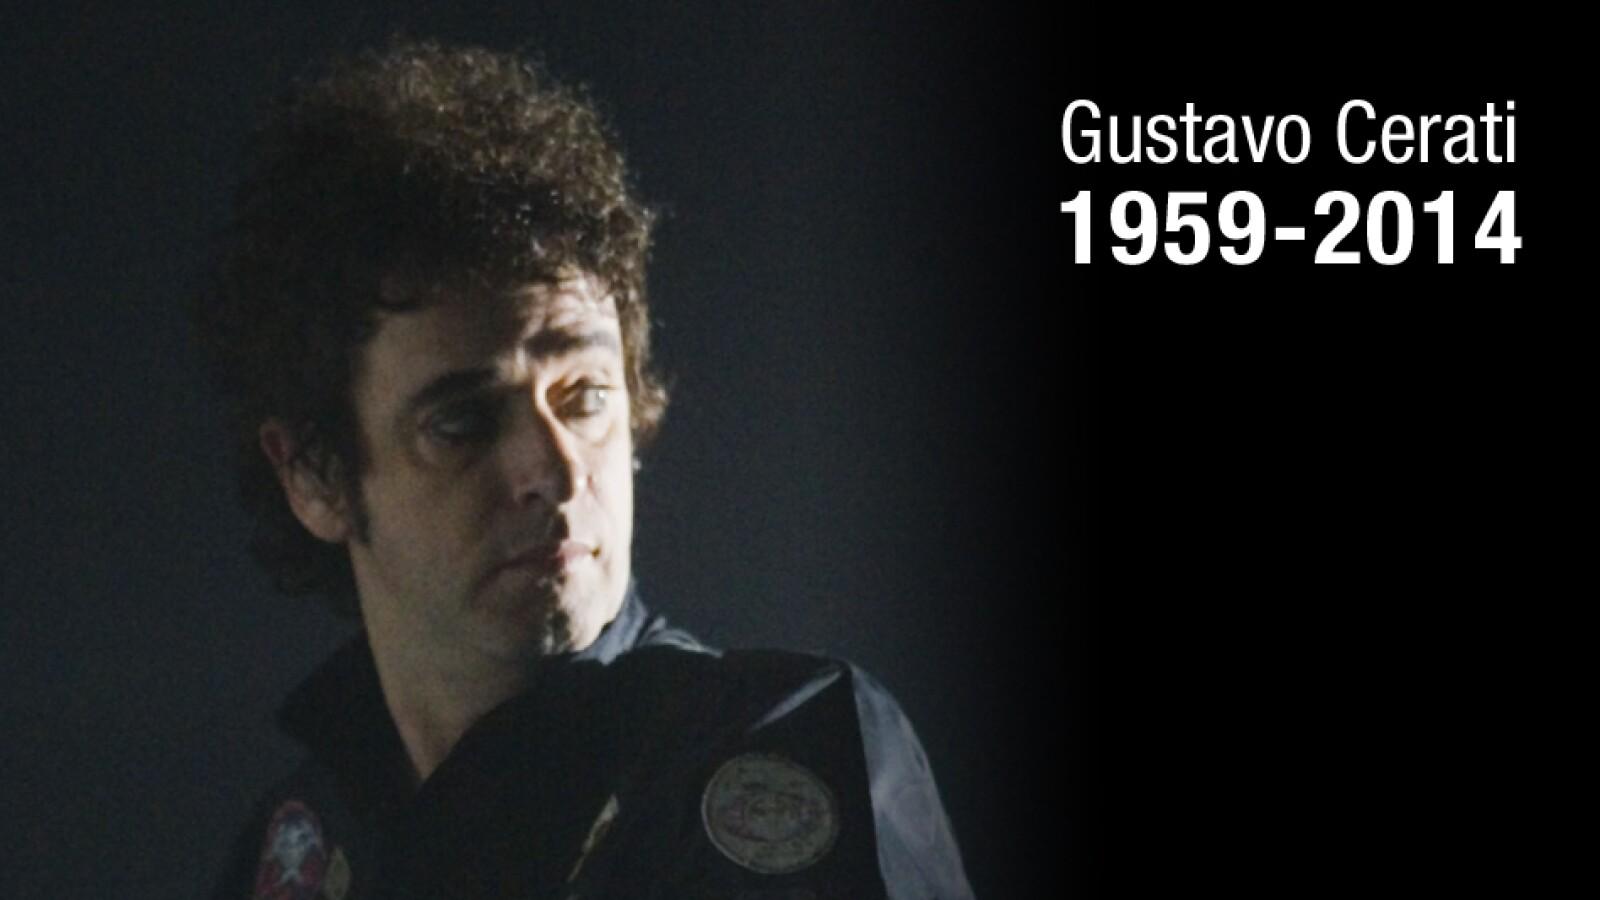 Gustavo Cerati muerte especial